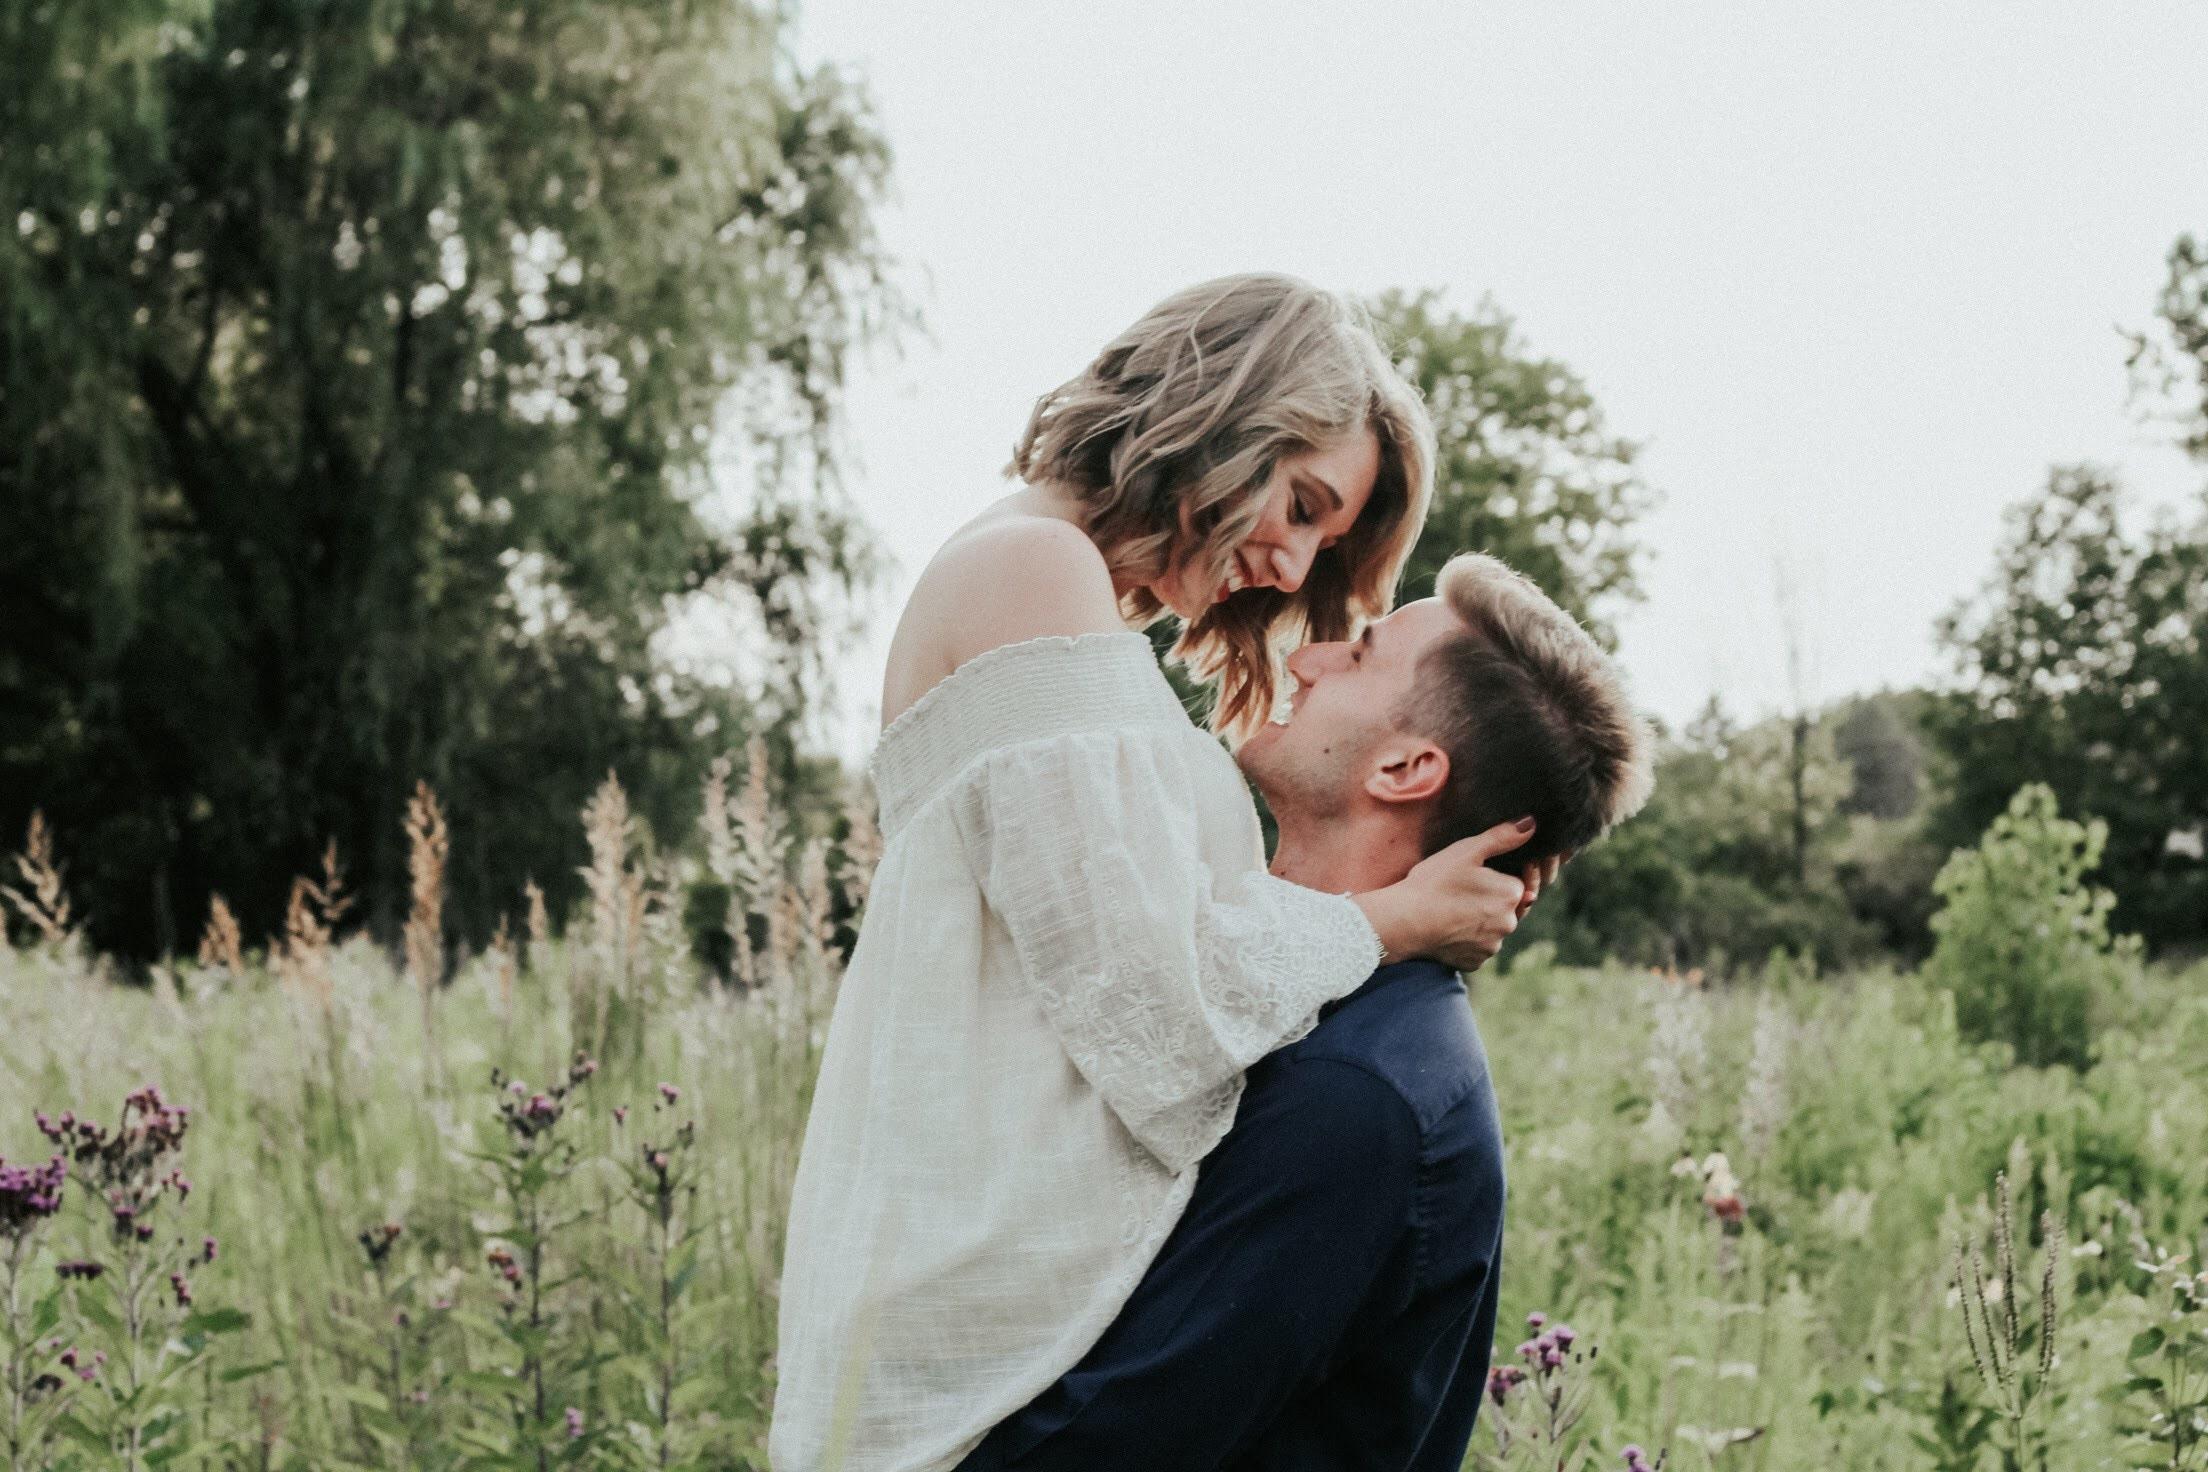 Hugs and eye contact